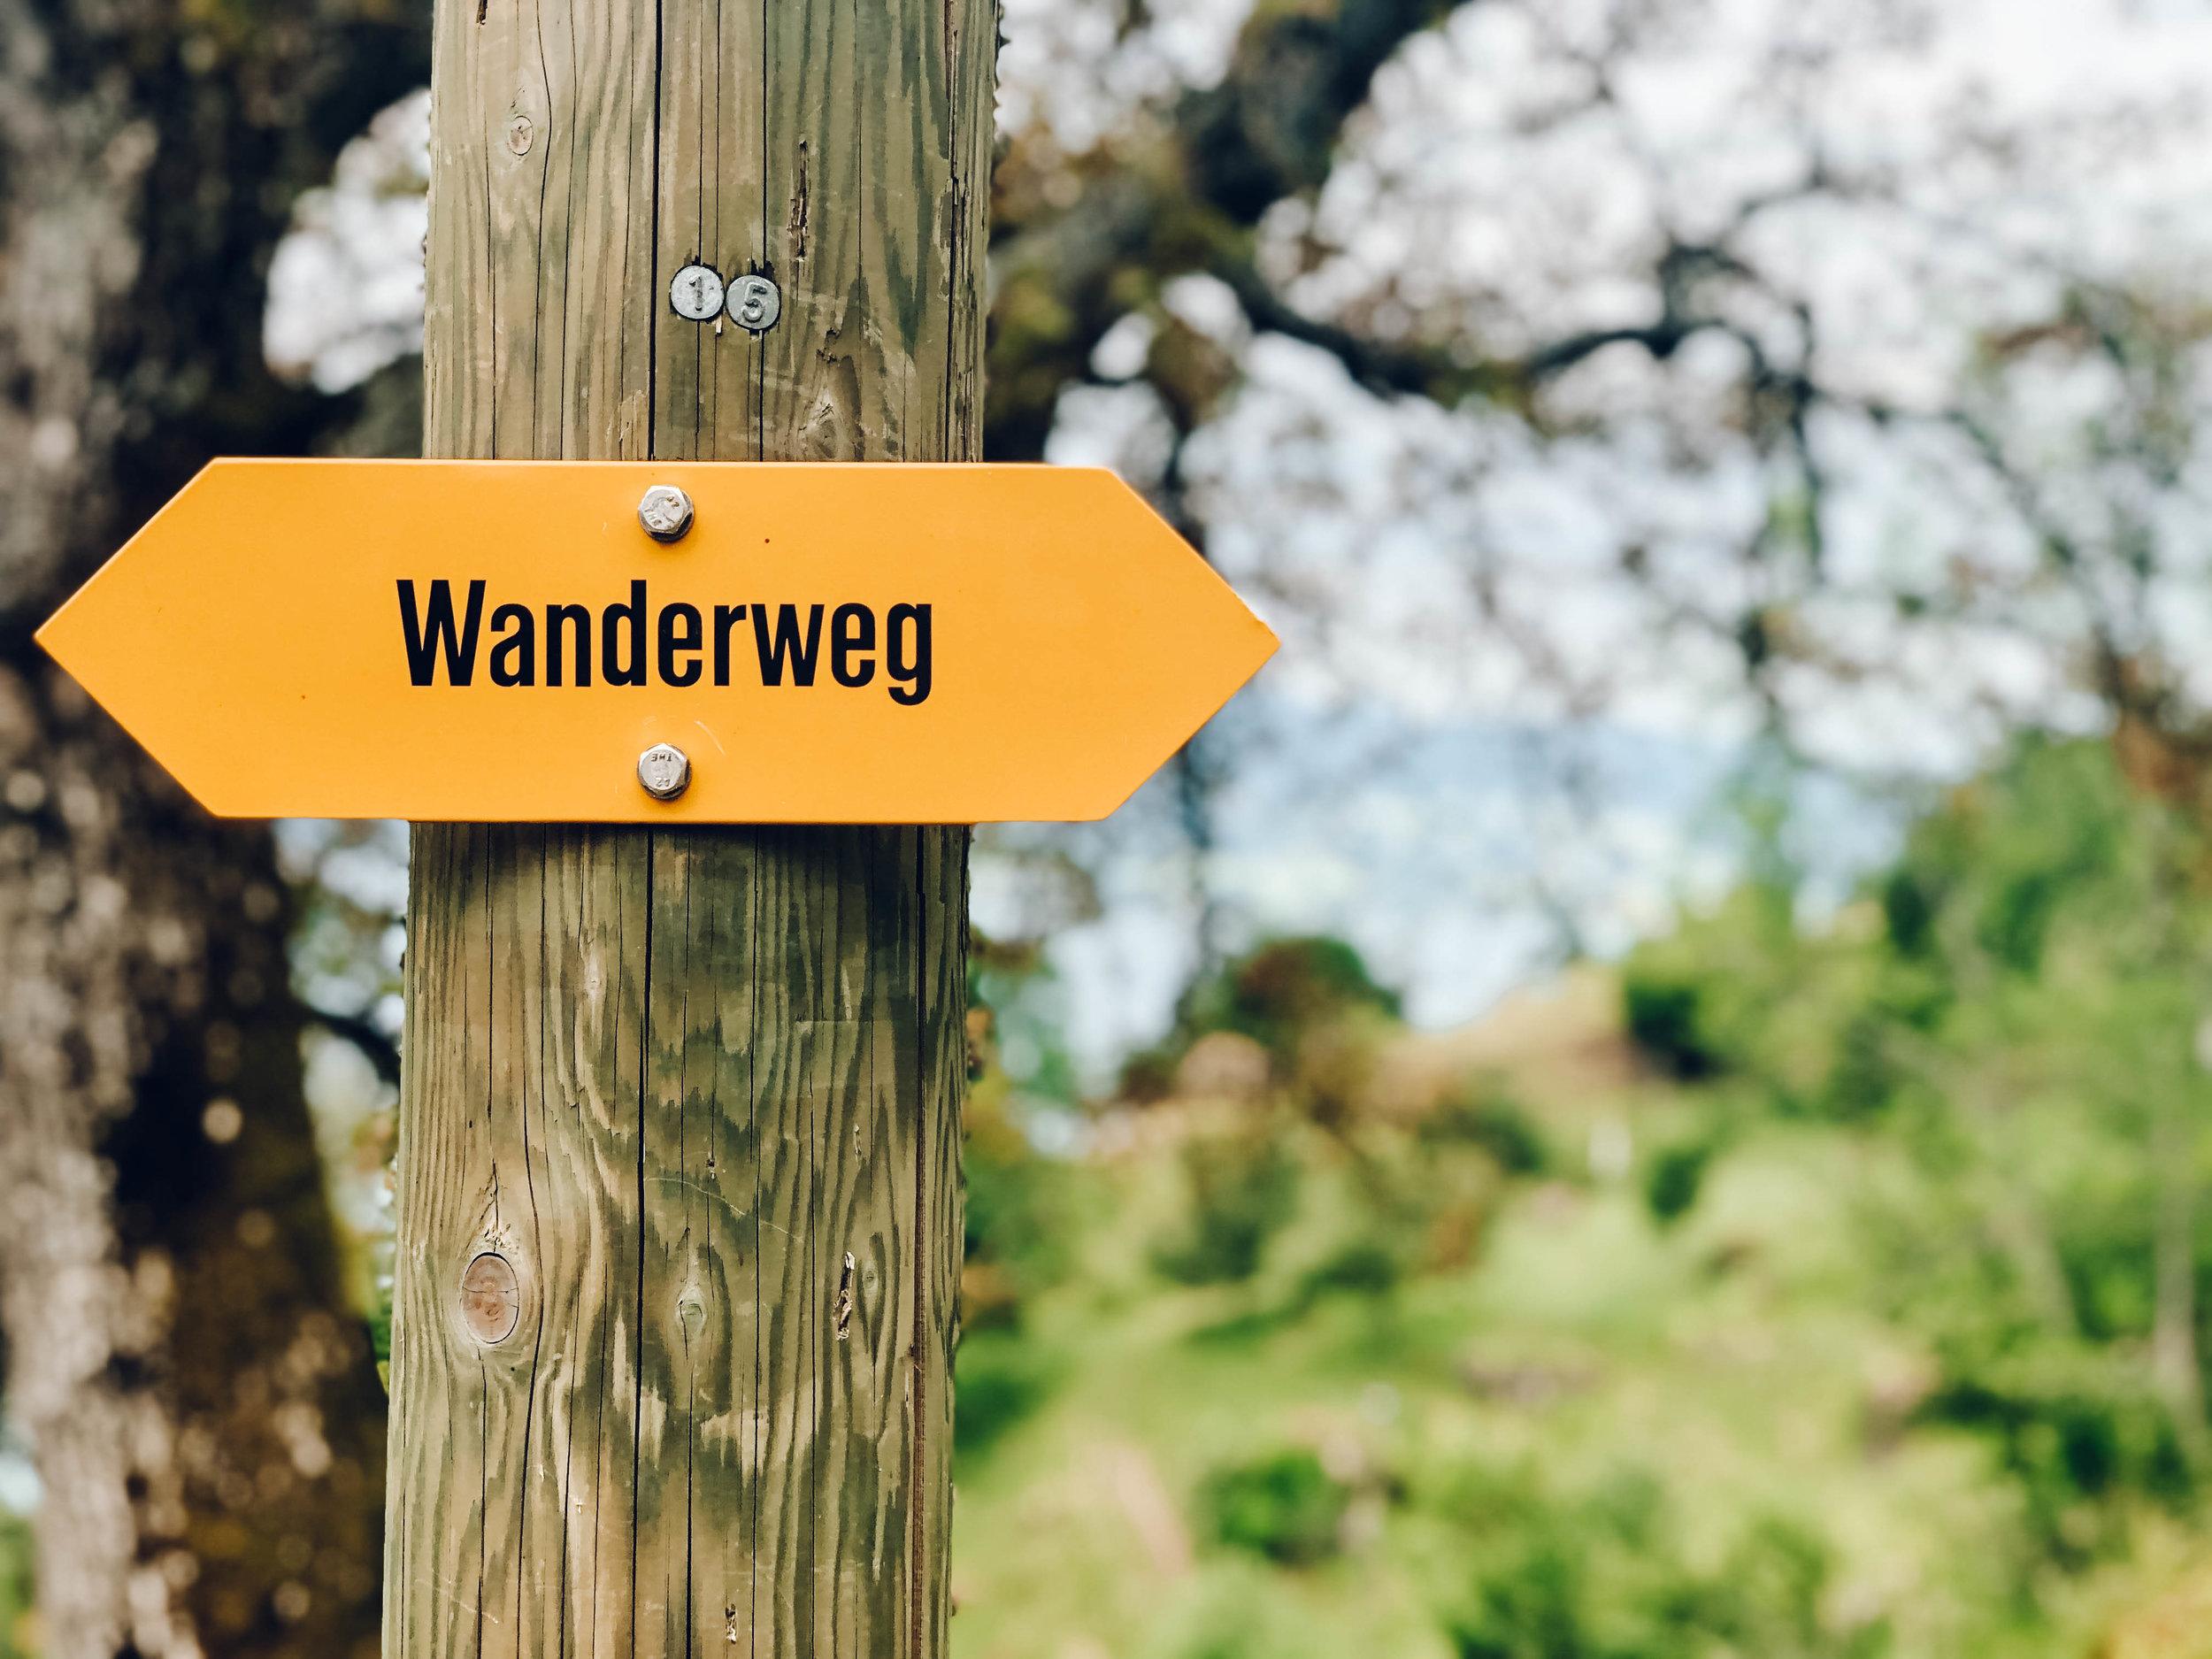 Wanderweg hiking trail sign in Switzerland.jpg